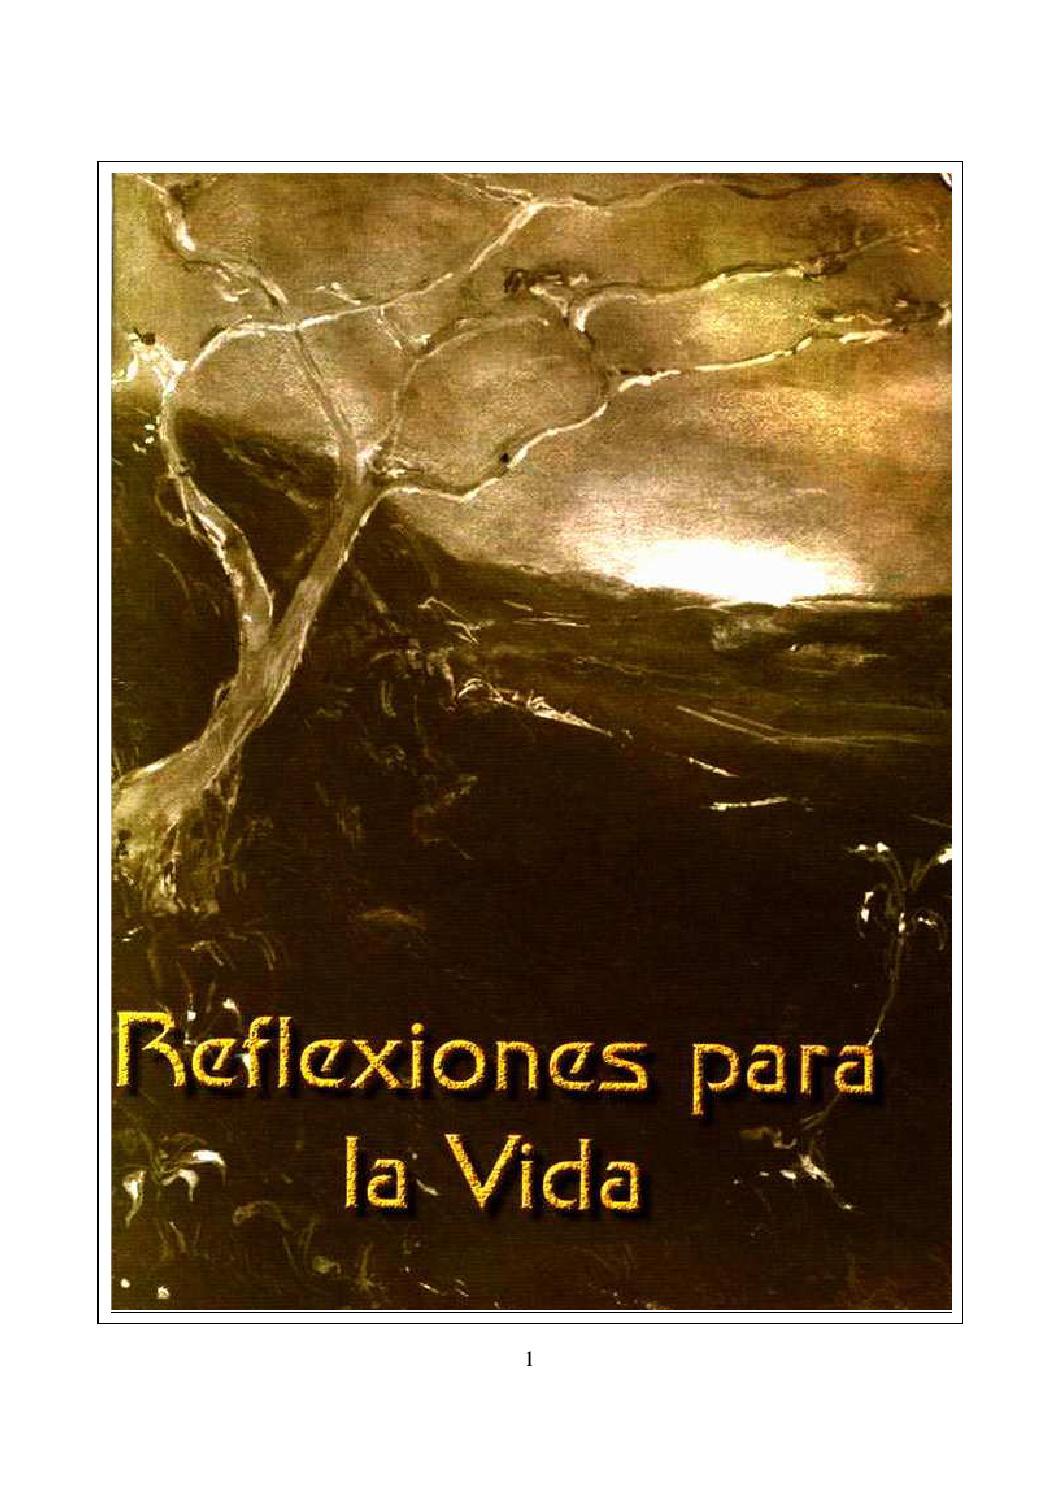 Reflexiones para la vida by luisumr98 - issuu